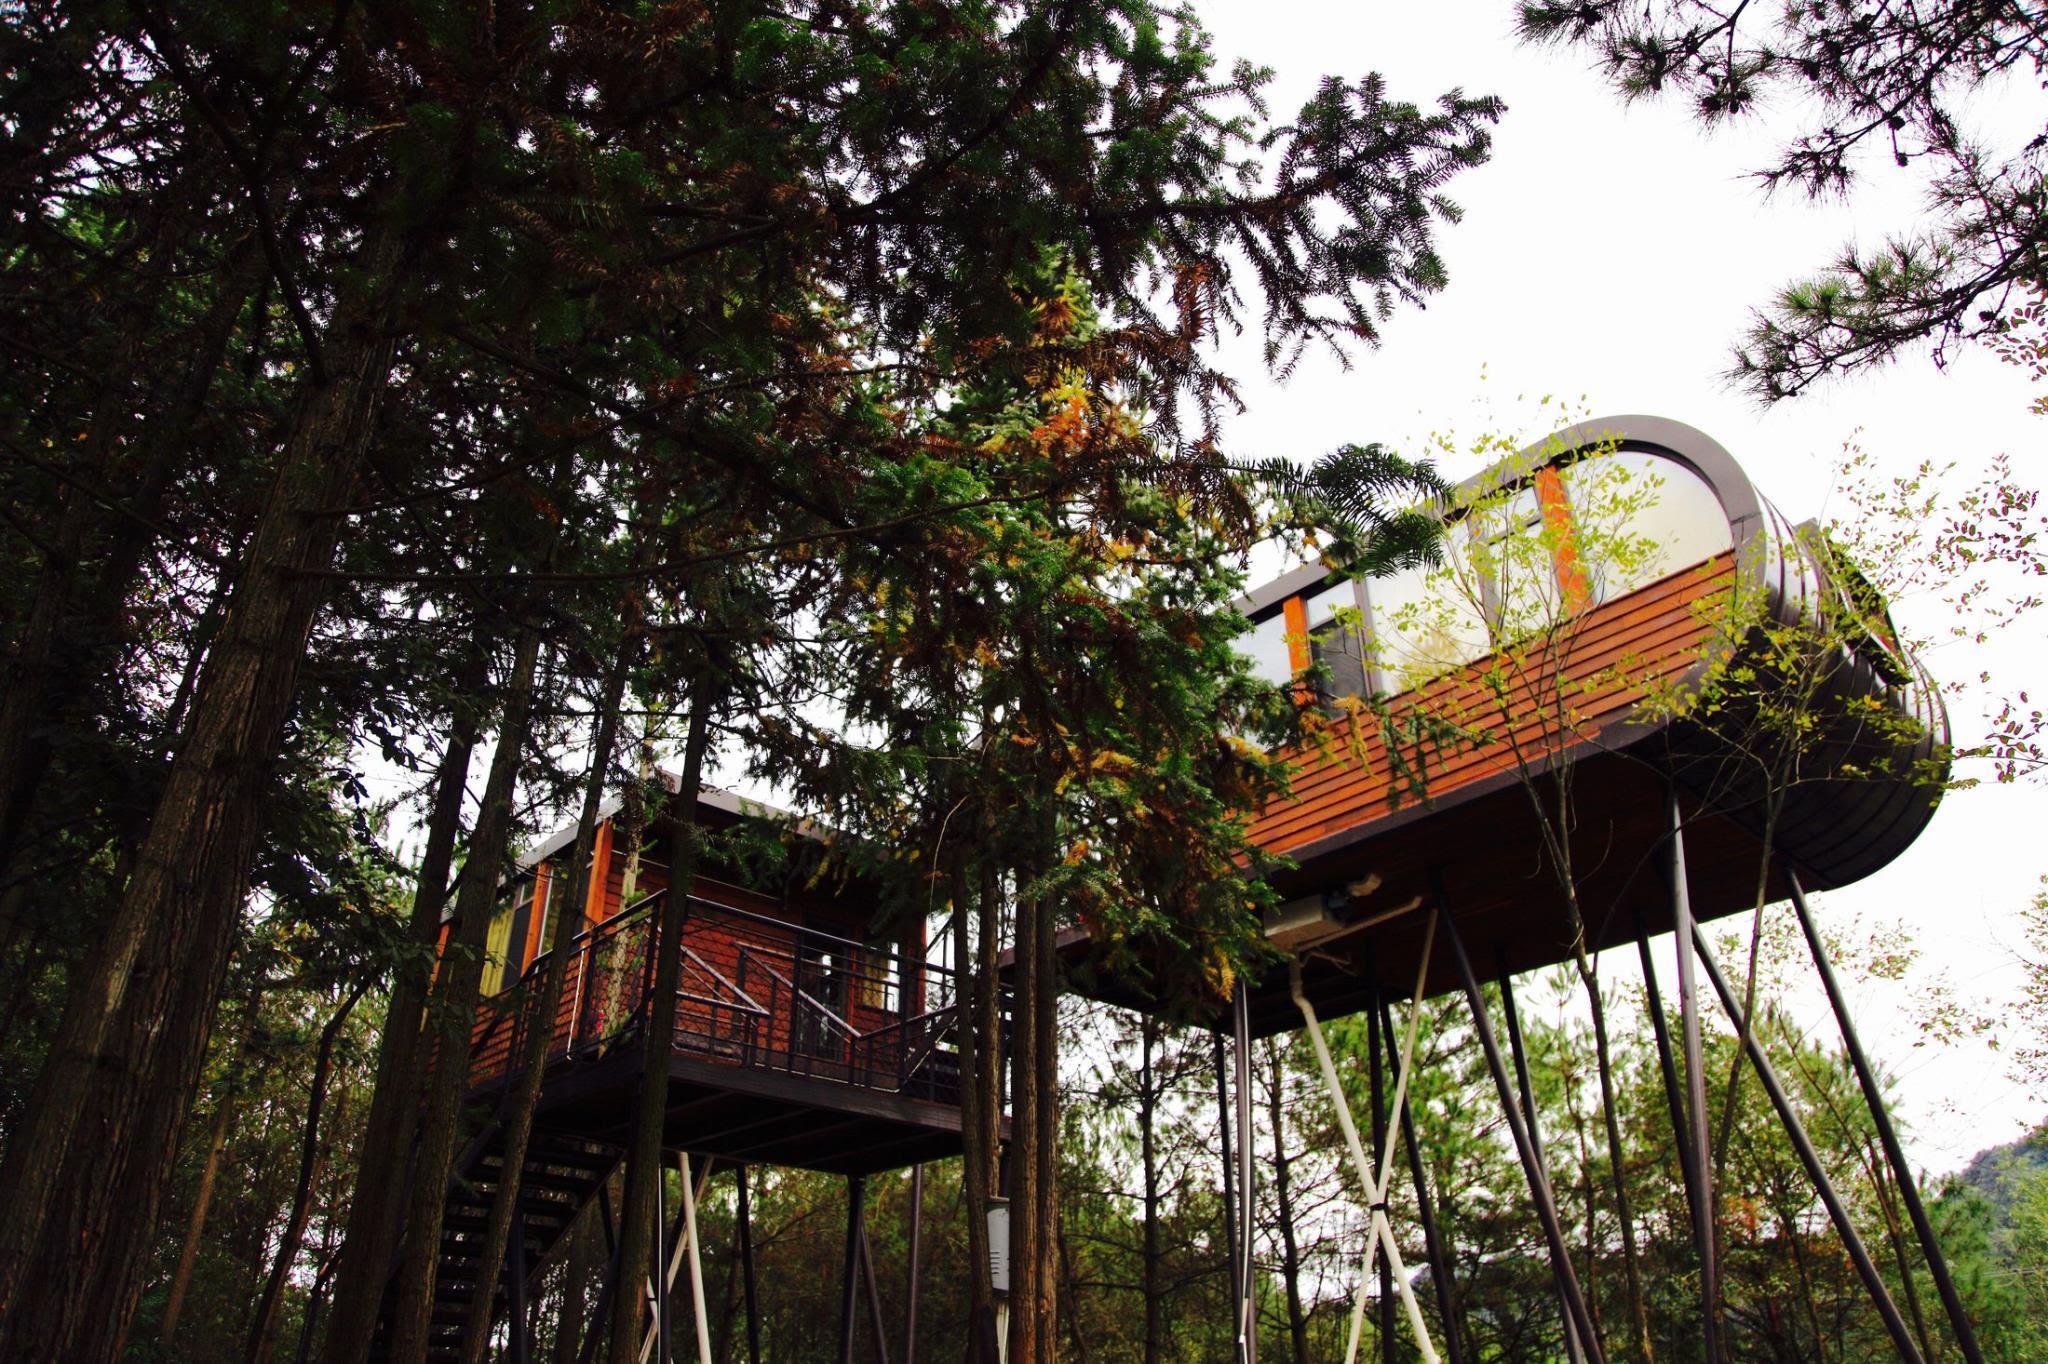 ZYJ Treehouse Land Huangshan Qiyun Reviews